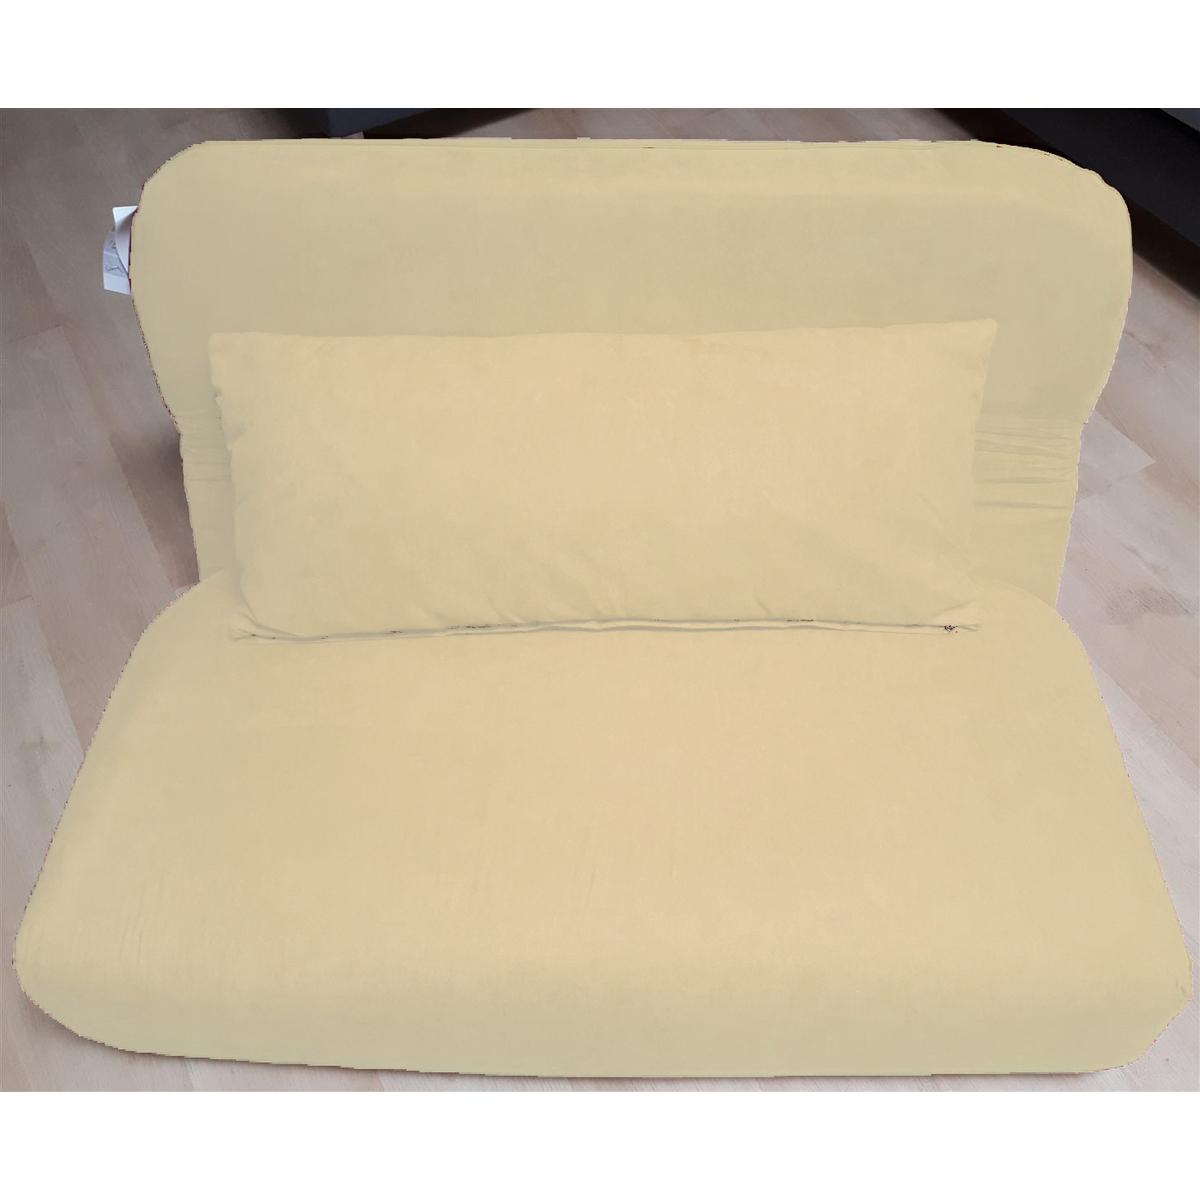 Full Size of Relaxliege Komplett Ausklappbar Microfaser Beige Arbd Bett Ausklappbares Wohnzimmer Couch Ausklappbar